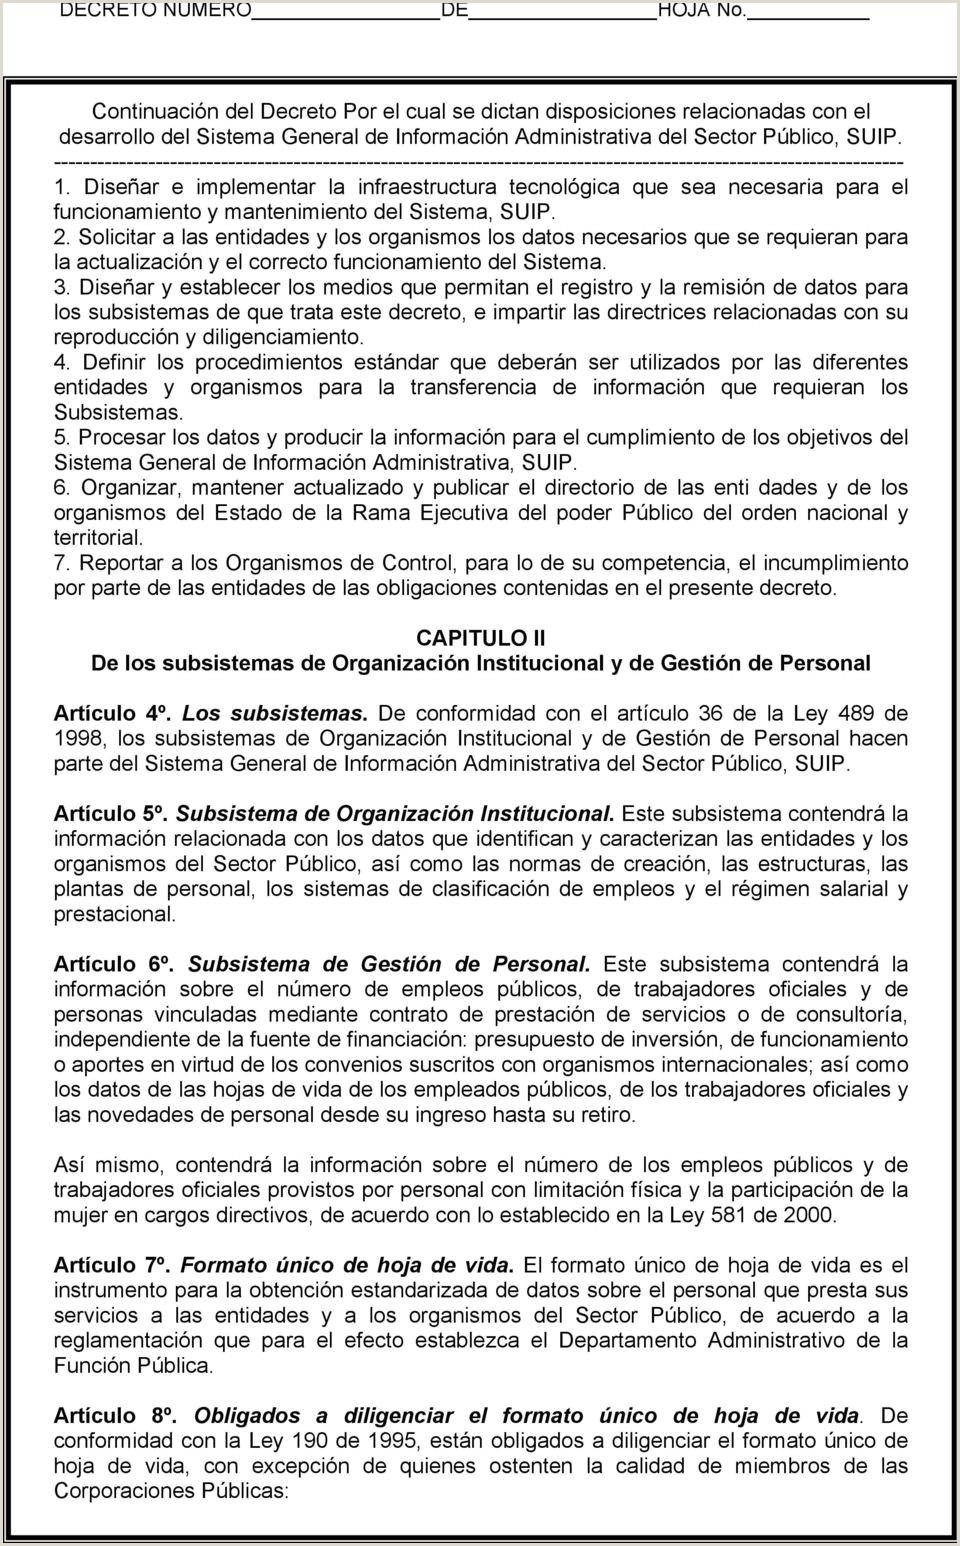 """Formato Hoja De Vida Ley 190 Del 95 Departamento Administrativo De La Funci""""n Pšblica Decreto"""